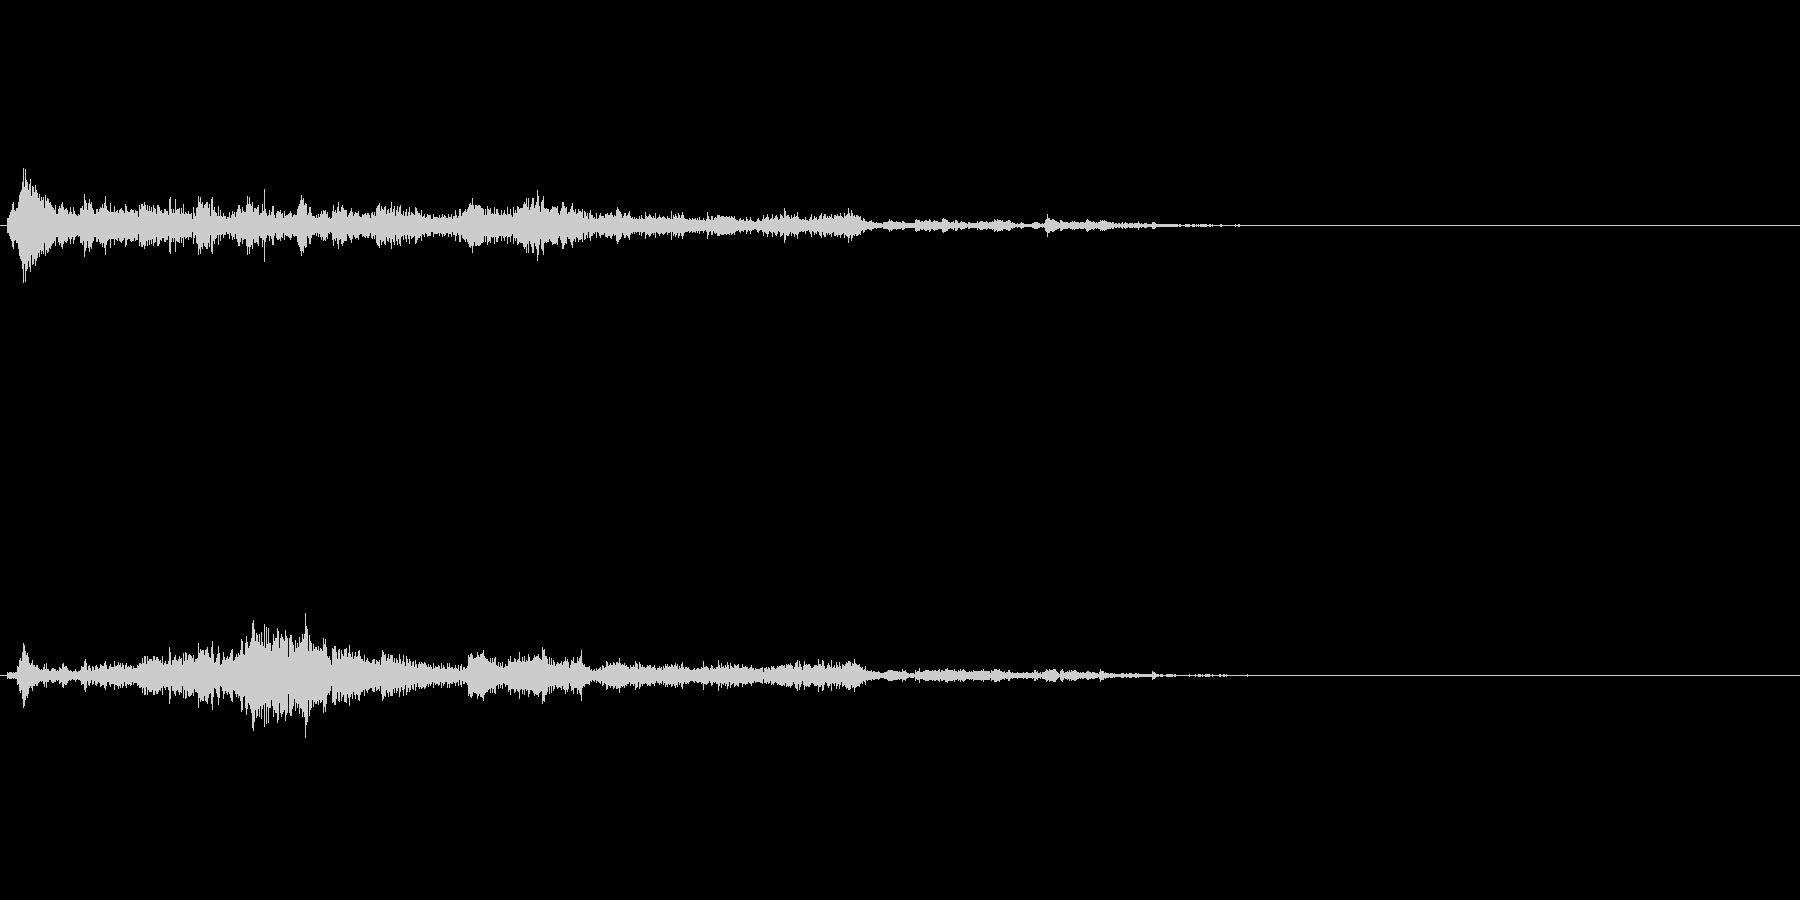 ワープや何か召還した時用効果音の未再生の波形